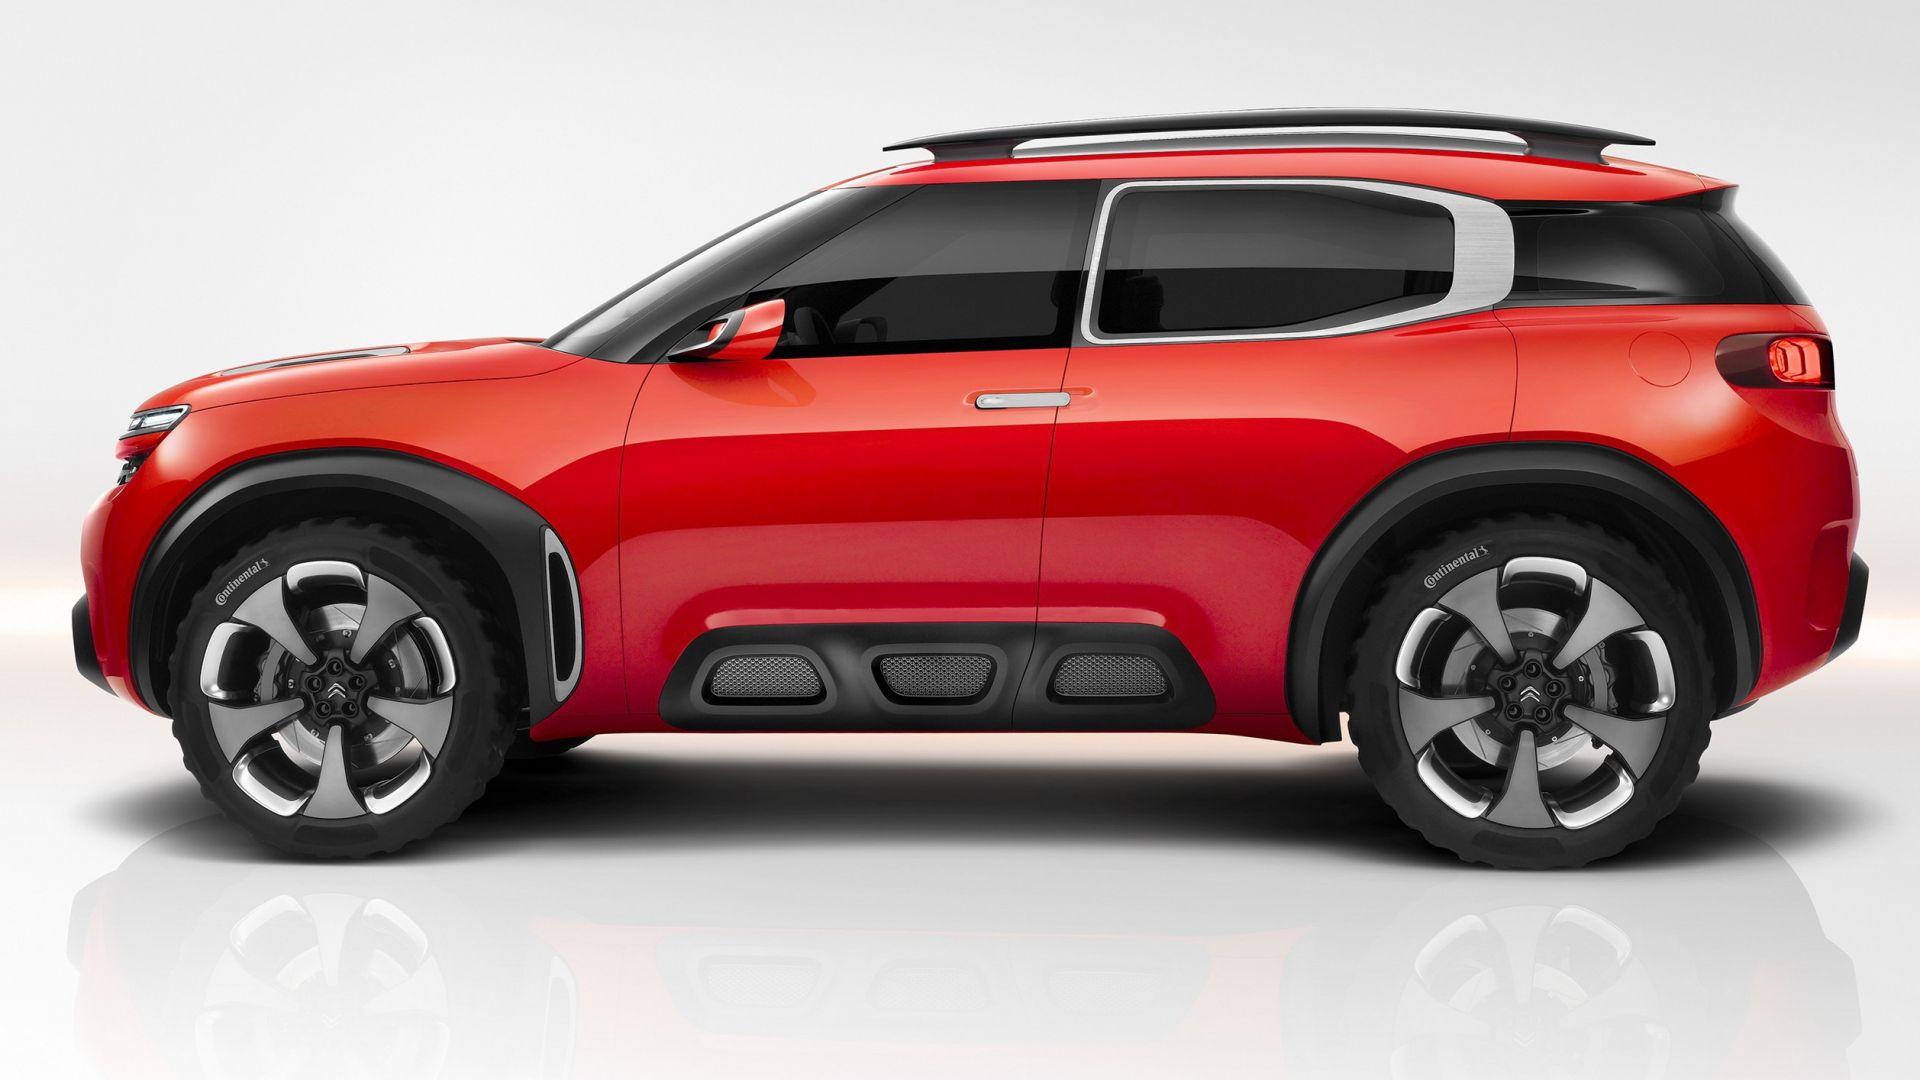 novit auto citro n una nuova crossover entro il 2018 sar prodotta a rennes motorbox. Black Bedroom Furniture Sets. Home Design Ideas